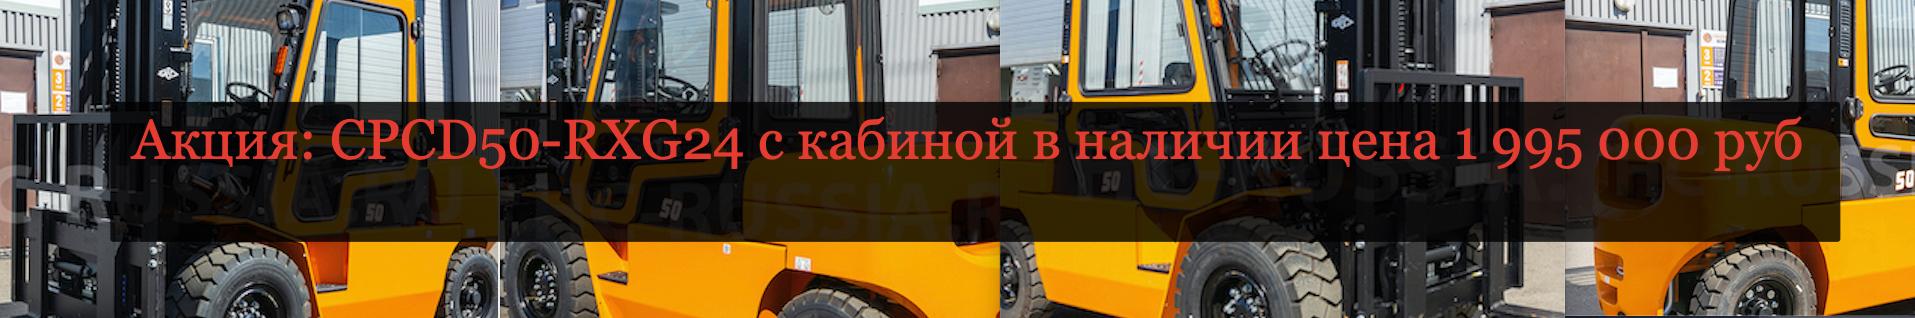 Цена автопогрузчика Hangcha грузоподъемность 5 тонн 1 995 000 руб